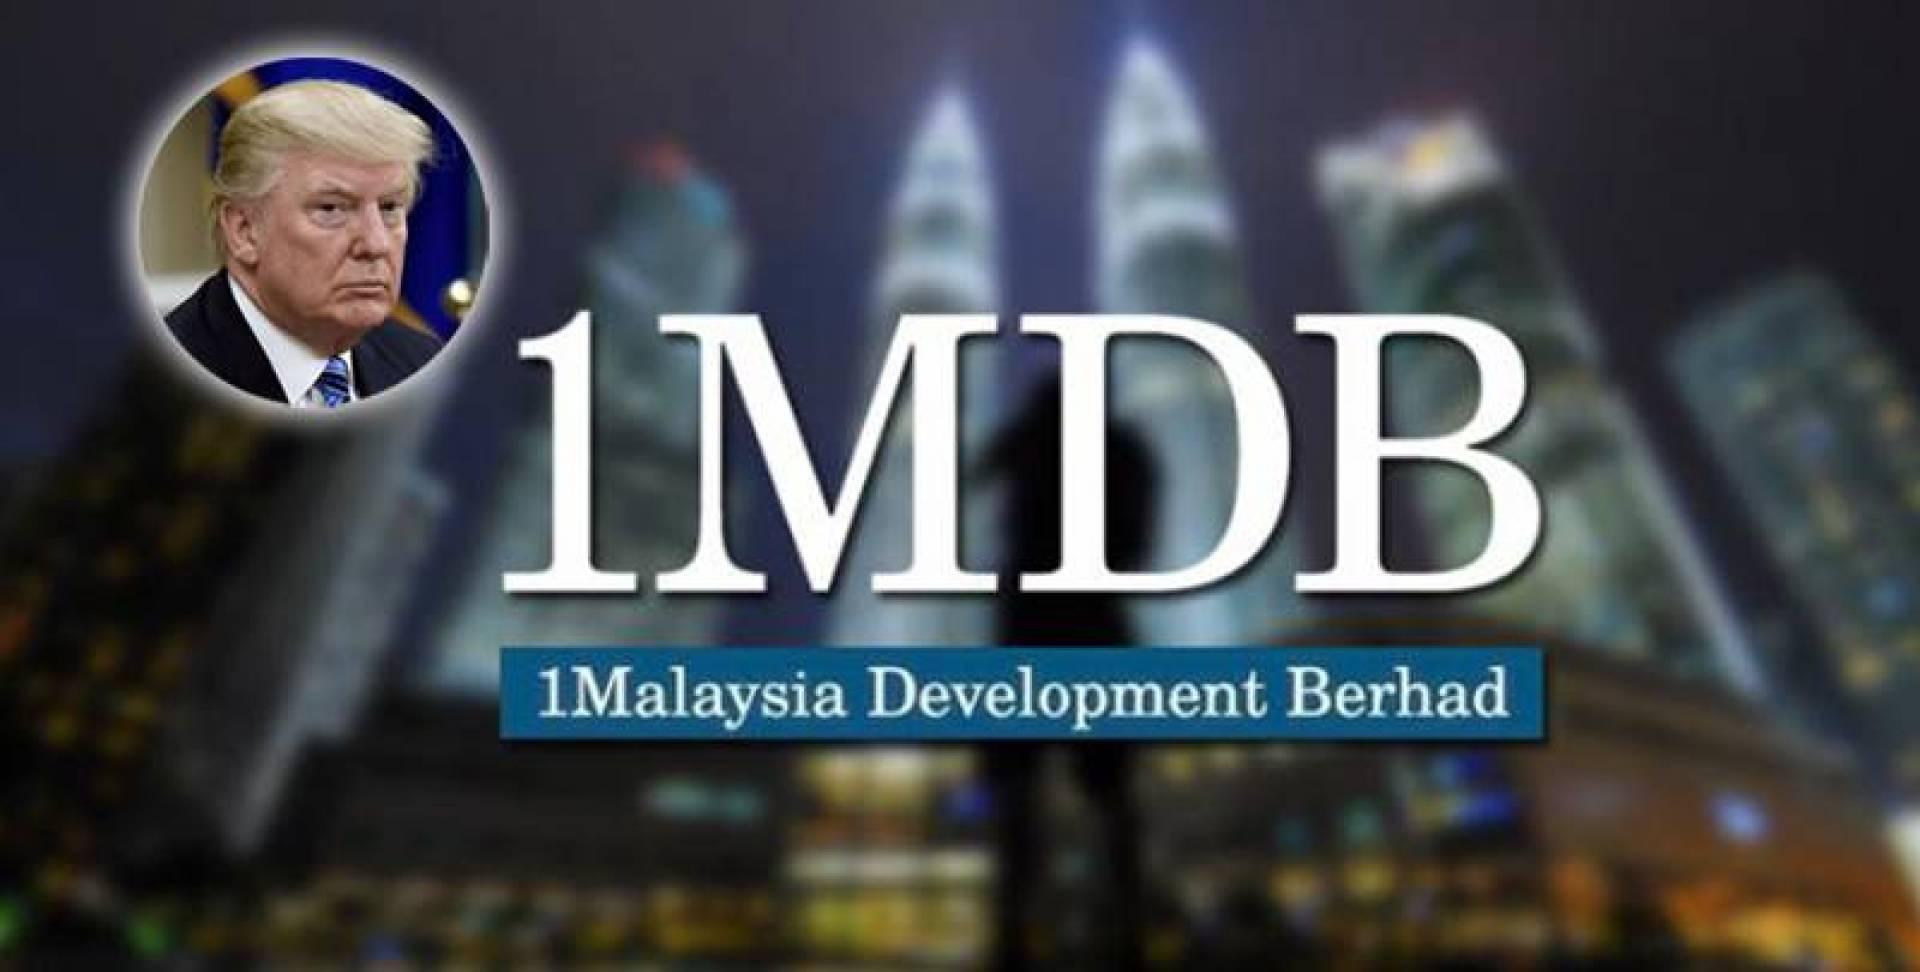 ترامب يعفو عن أحد المتهمين في «الصندوق الماليزي